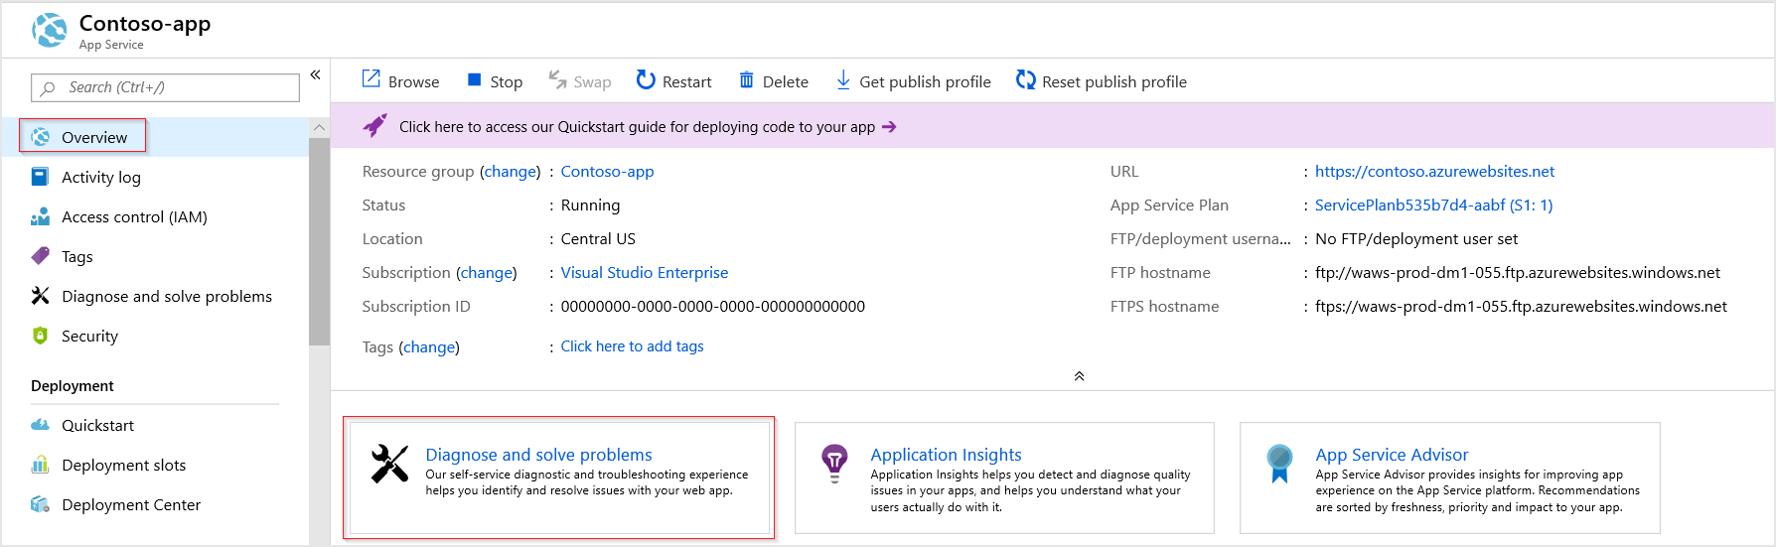 Overview en una App Service, para entrar en la herramienta Diagnose and solve problems